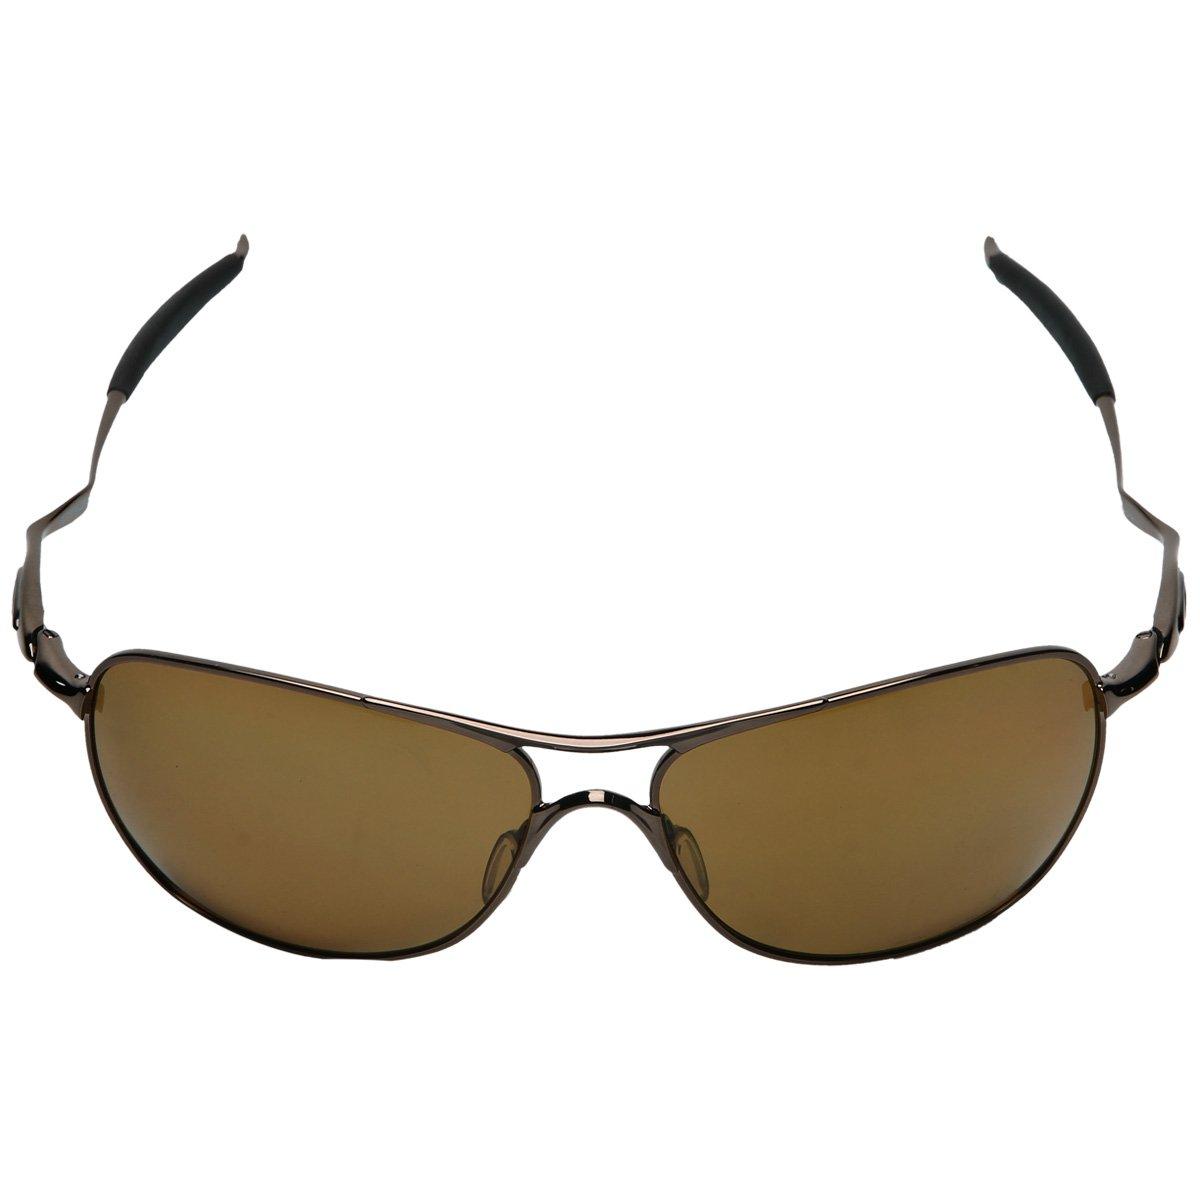 Óculos Oakley Crosshair - Polarizado  Óculos Oakley Crosshair - Polarizado  ... 07344ecac4